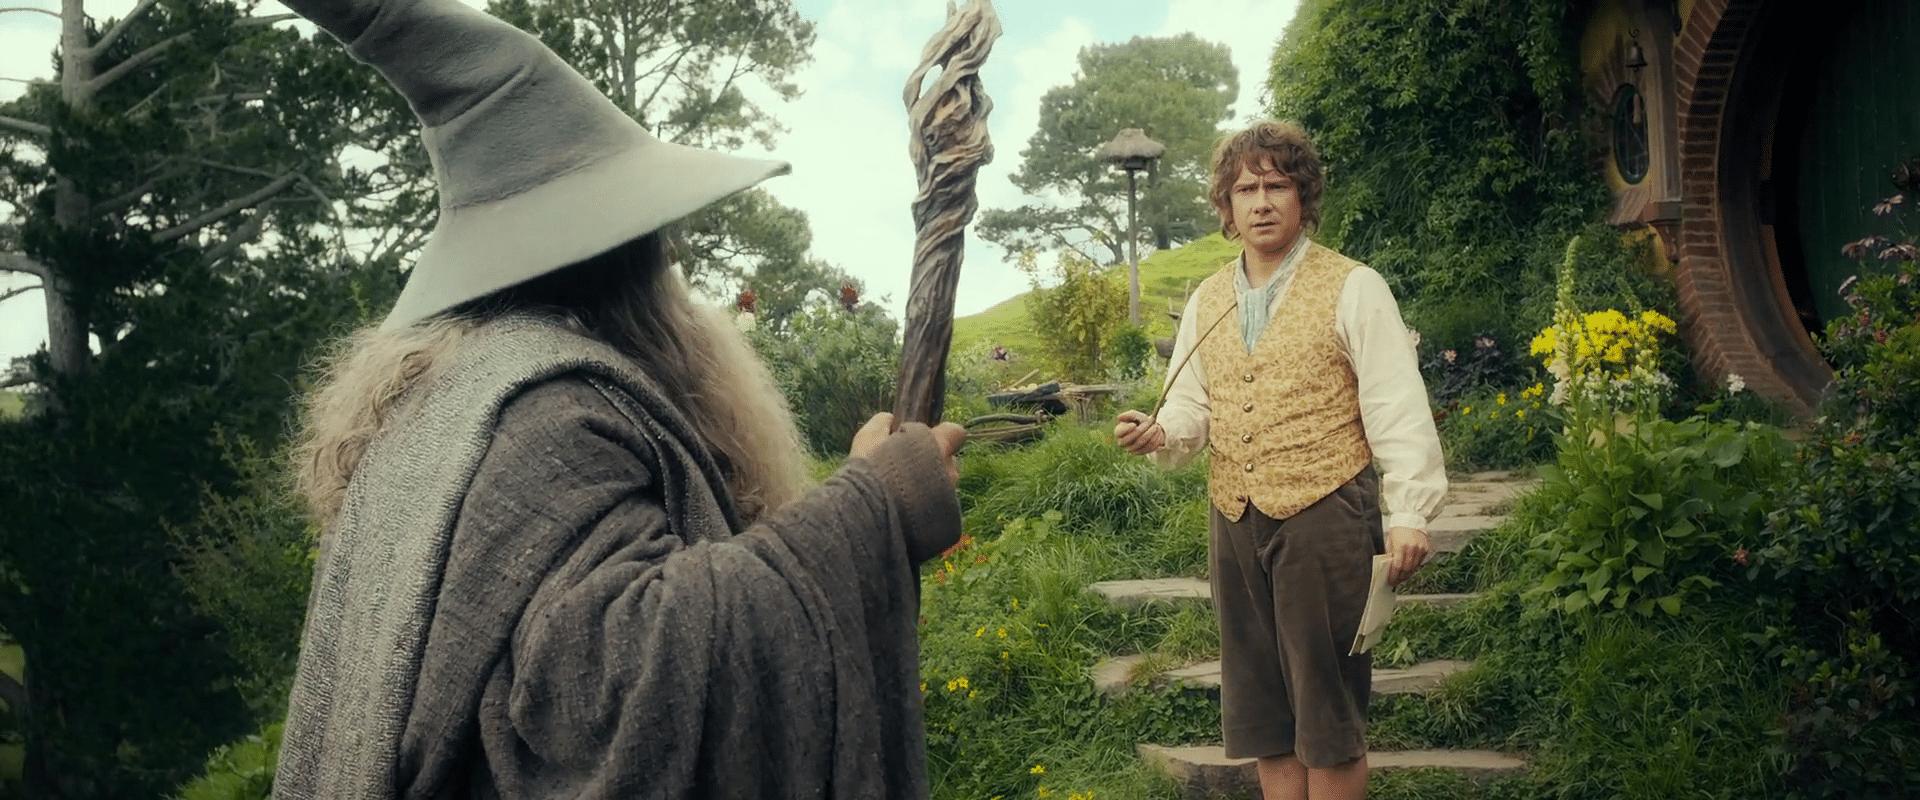 21 settembre 1937: usciva Lo Hobbit, il libro di Tolkien thumbnail